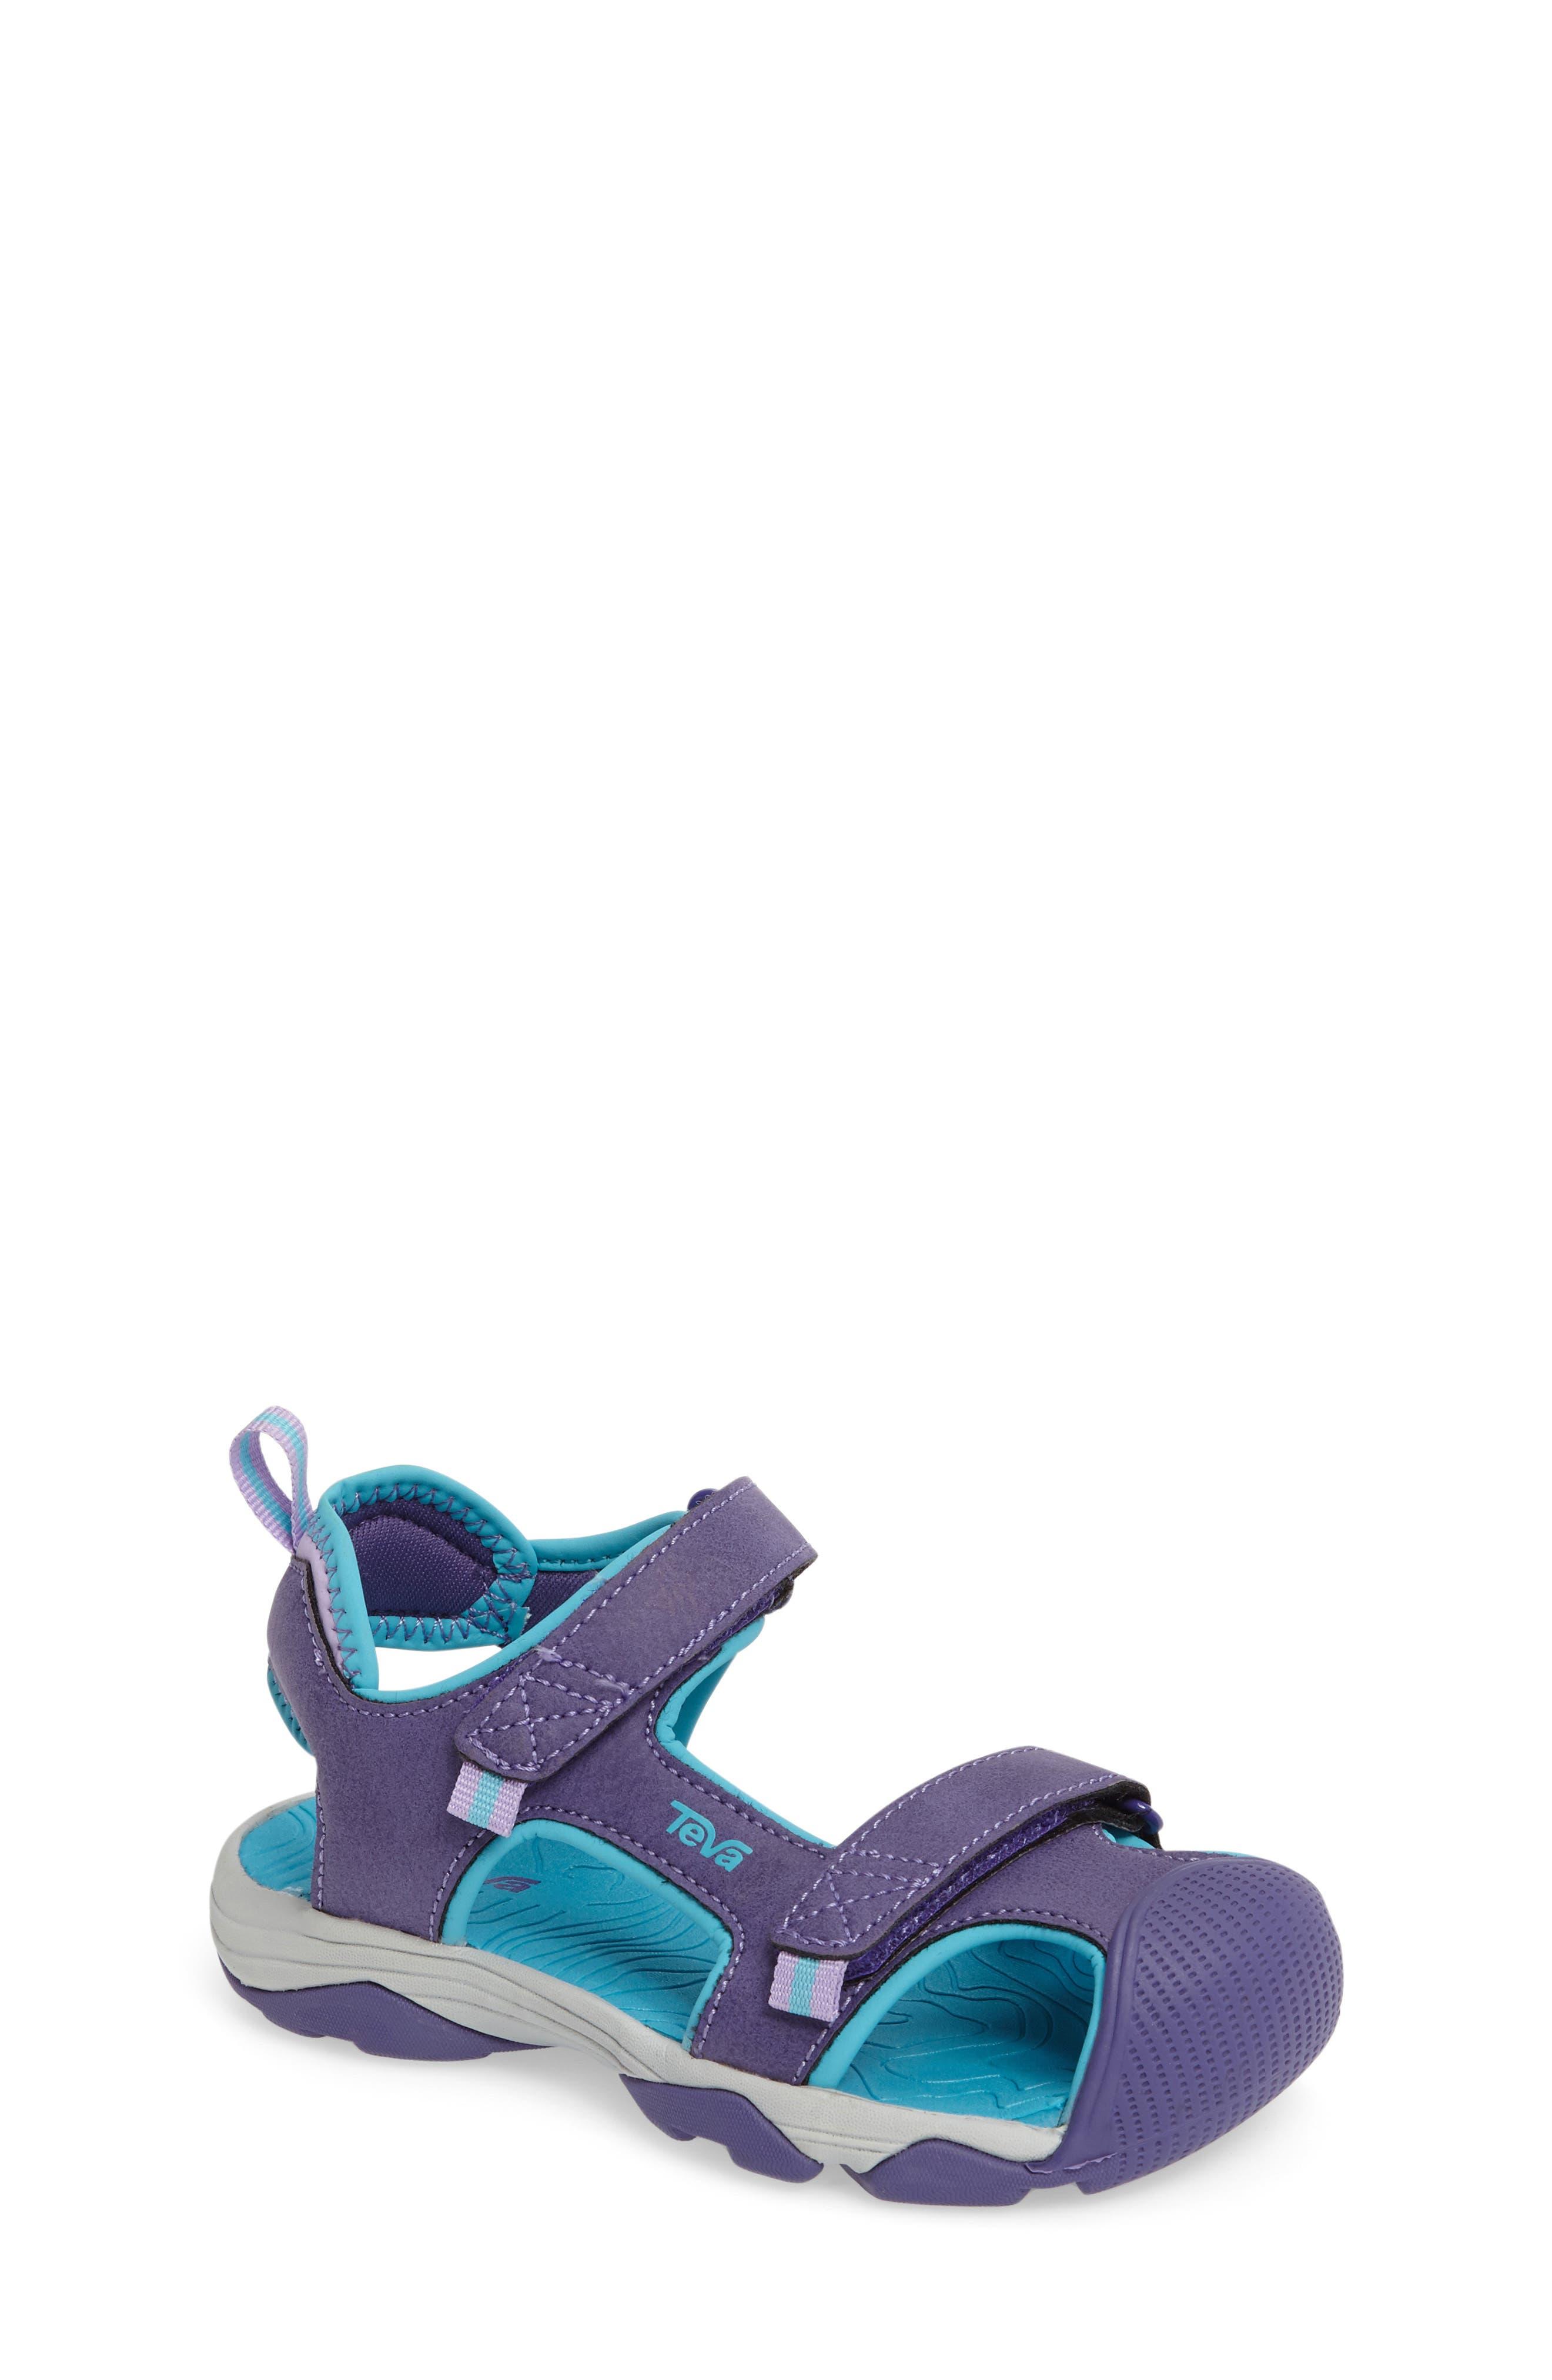 Toachi 4 Sport Sandal,                         Main,                         color,